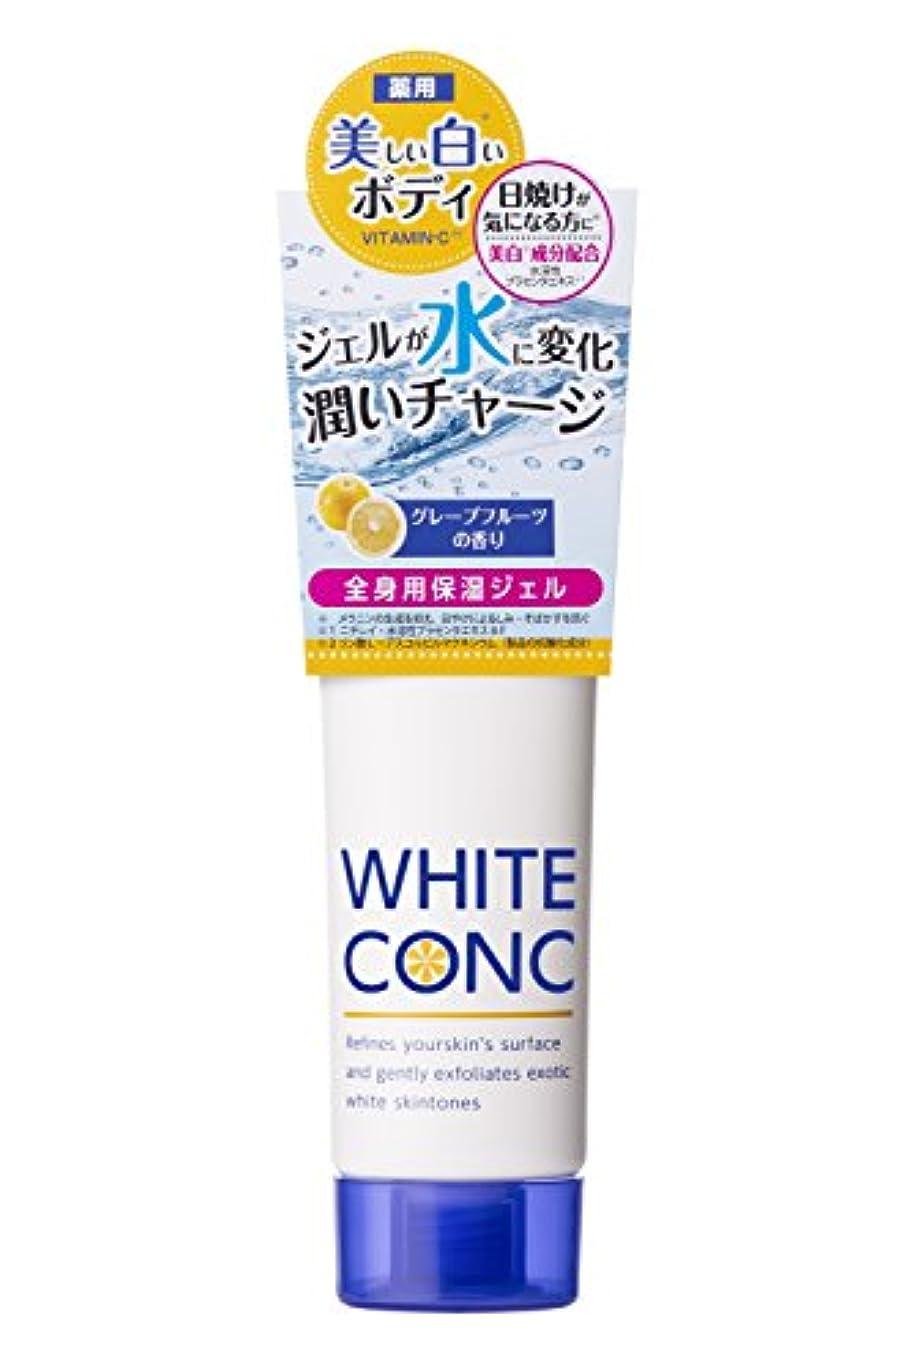 競争力のある凶暴な豆腐薬用ホワイトコンク ウォータリークリームII [医薬部外品]